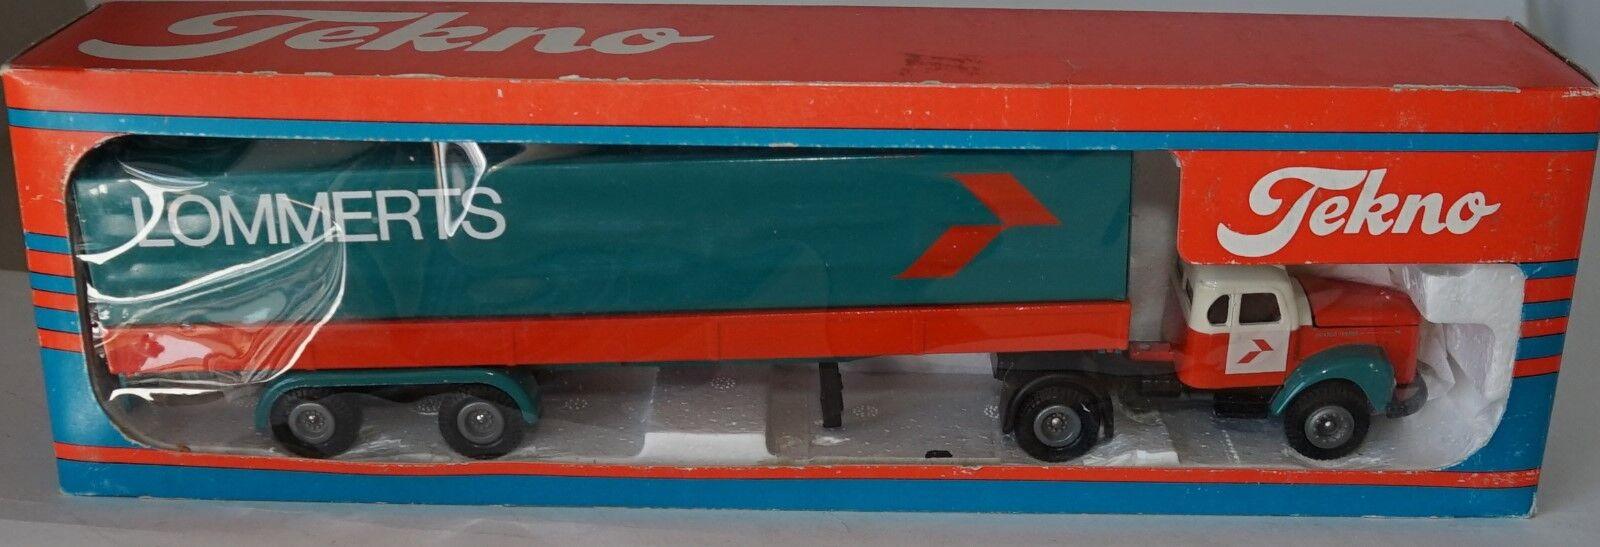 comprar marca Tekno 860807 Scania Vabis 76 con con con Lommerts Remolque en 1 50 Escala Raro  orden ahora disfrutar de gran descuento